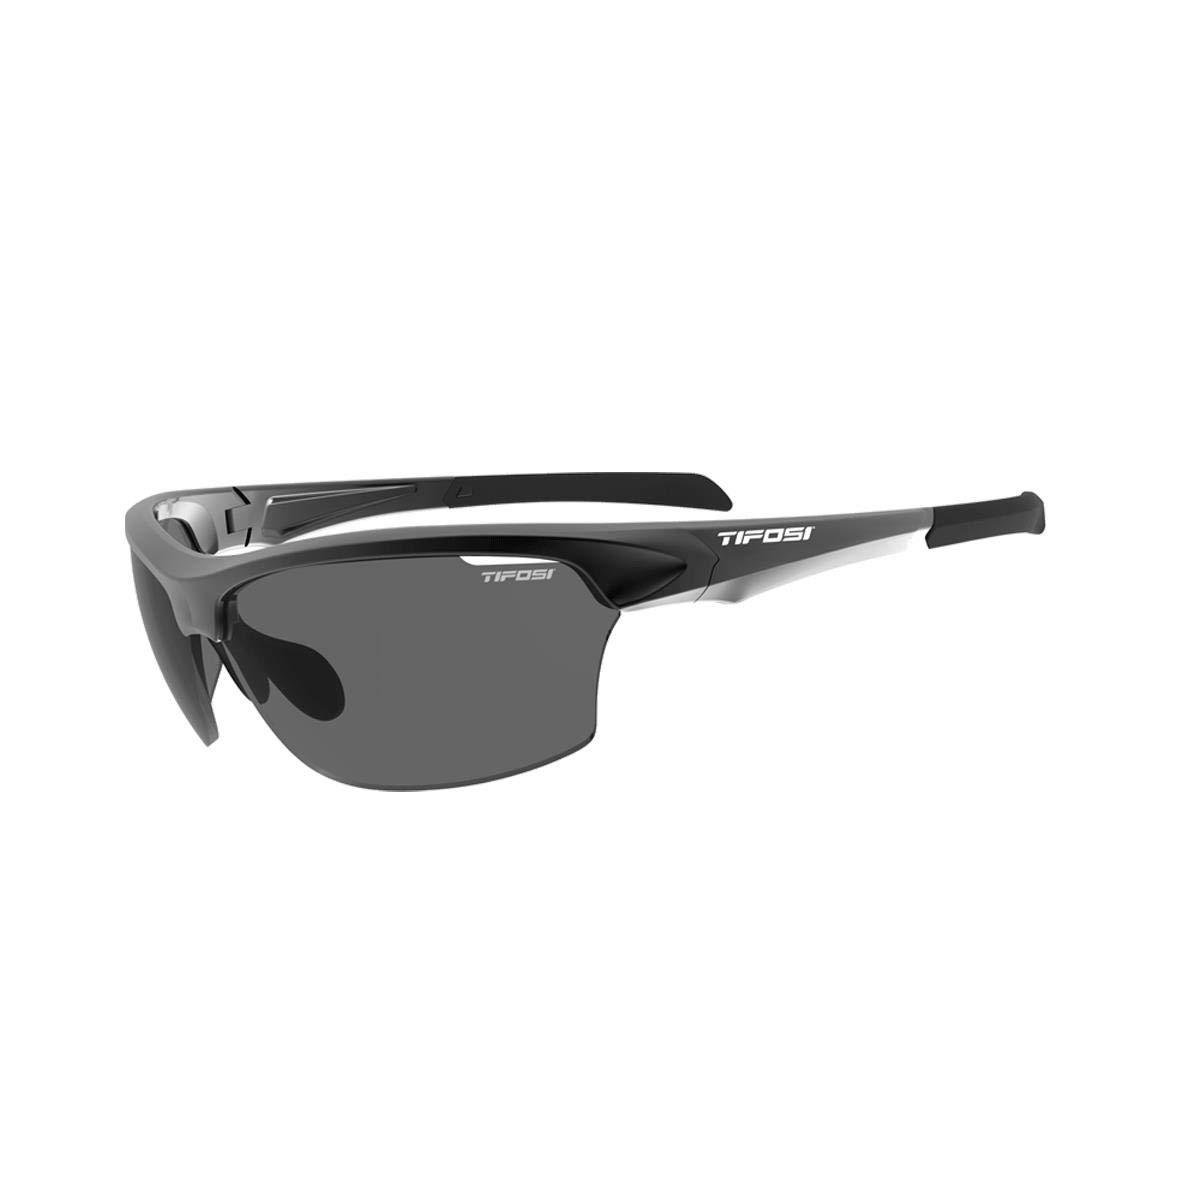 Tifosi Radbrille 2016 Intense Gloss Schwarz-Smoke (One Größe , Schwarz)